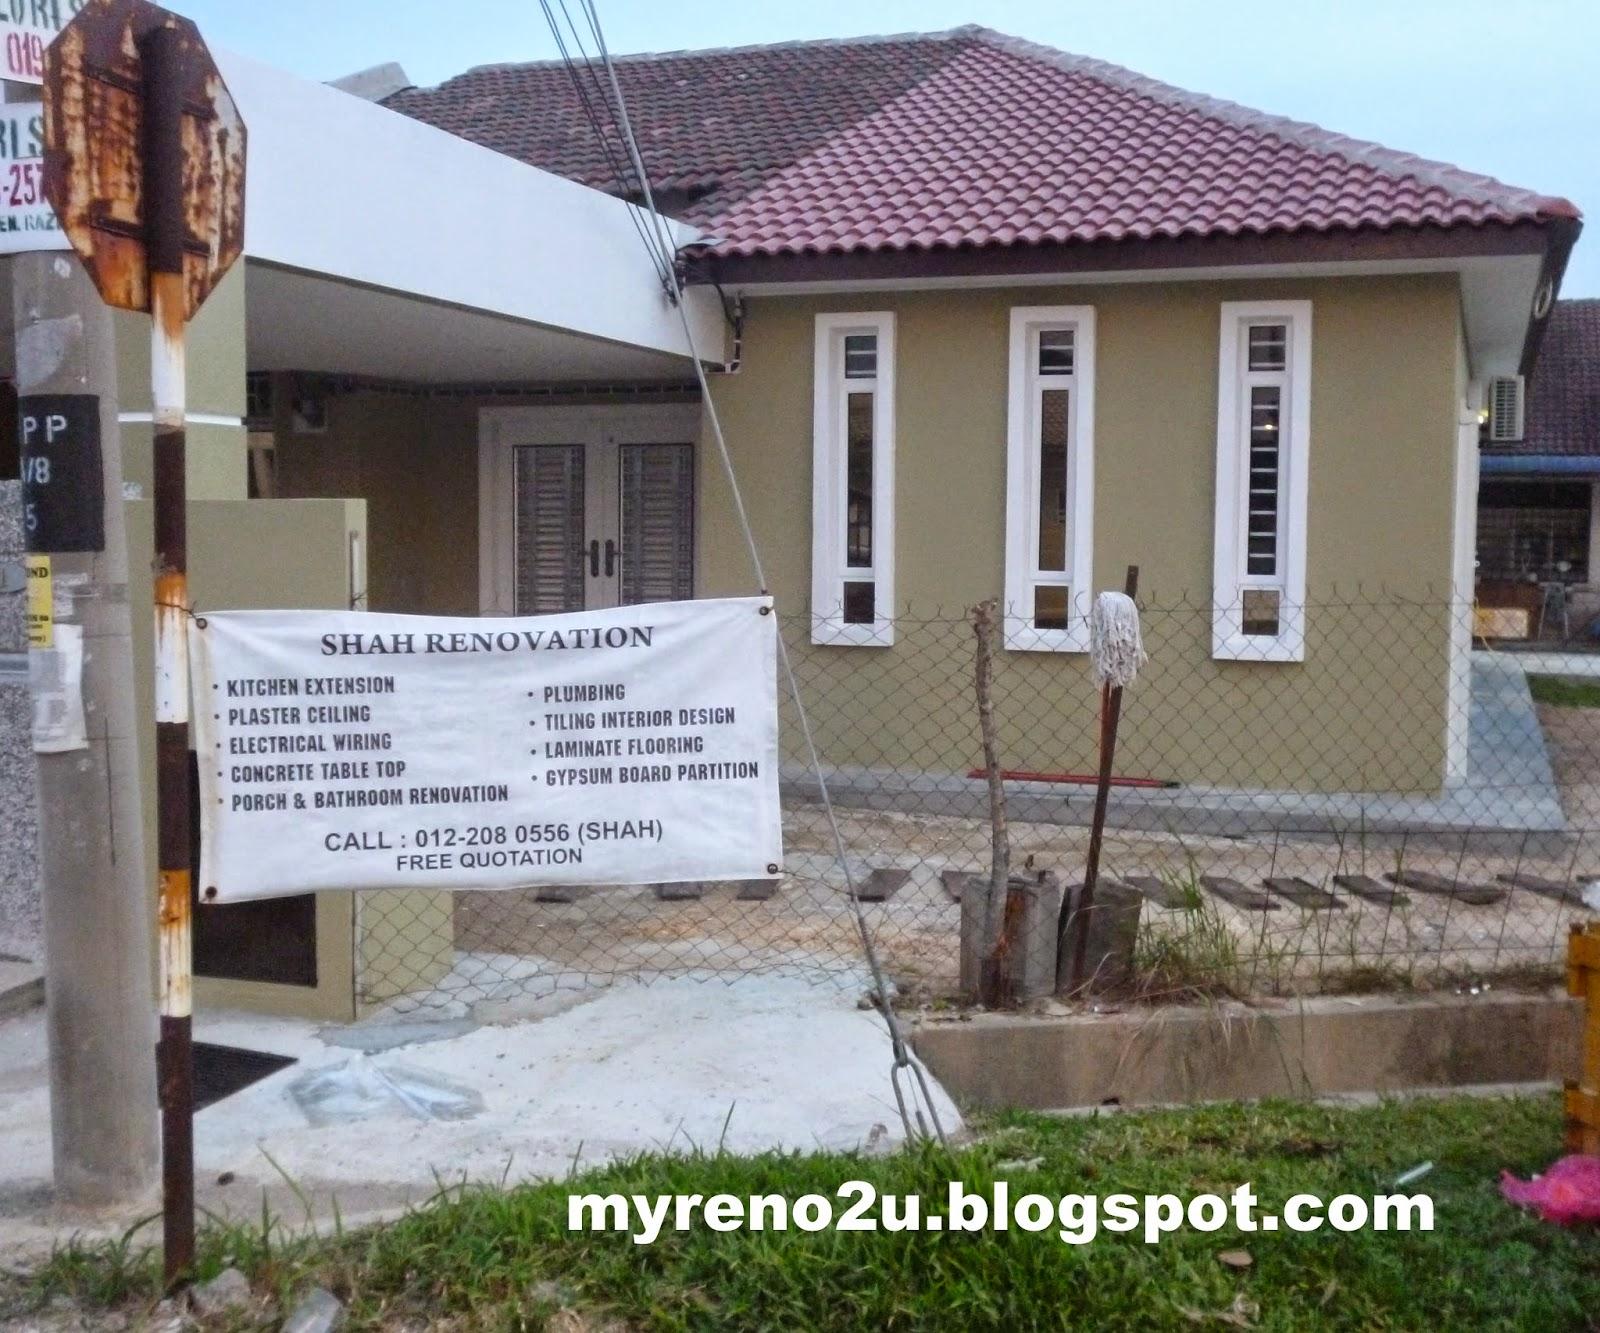 Ubahsuai Rumah Teres Myreno2u